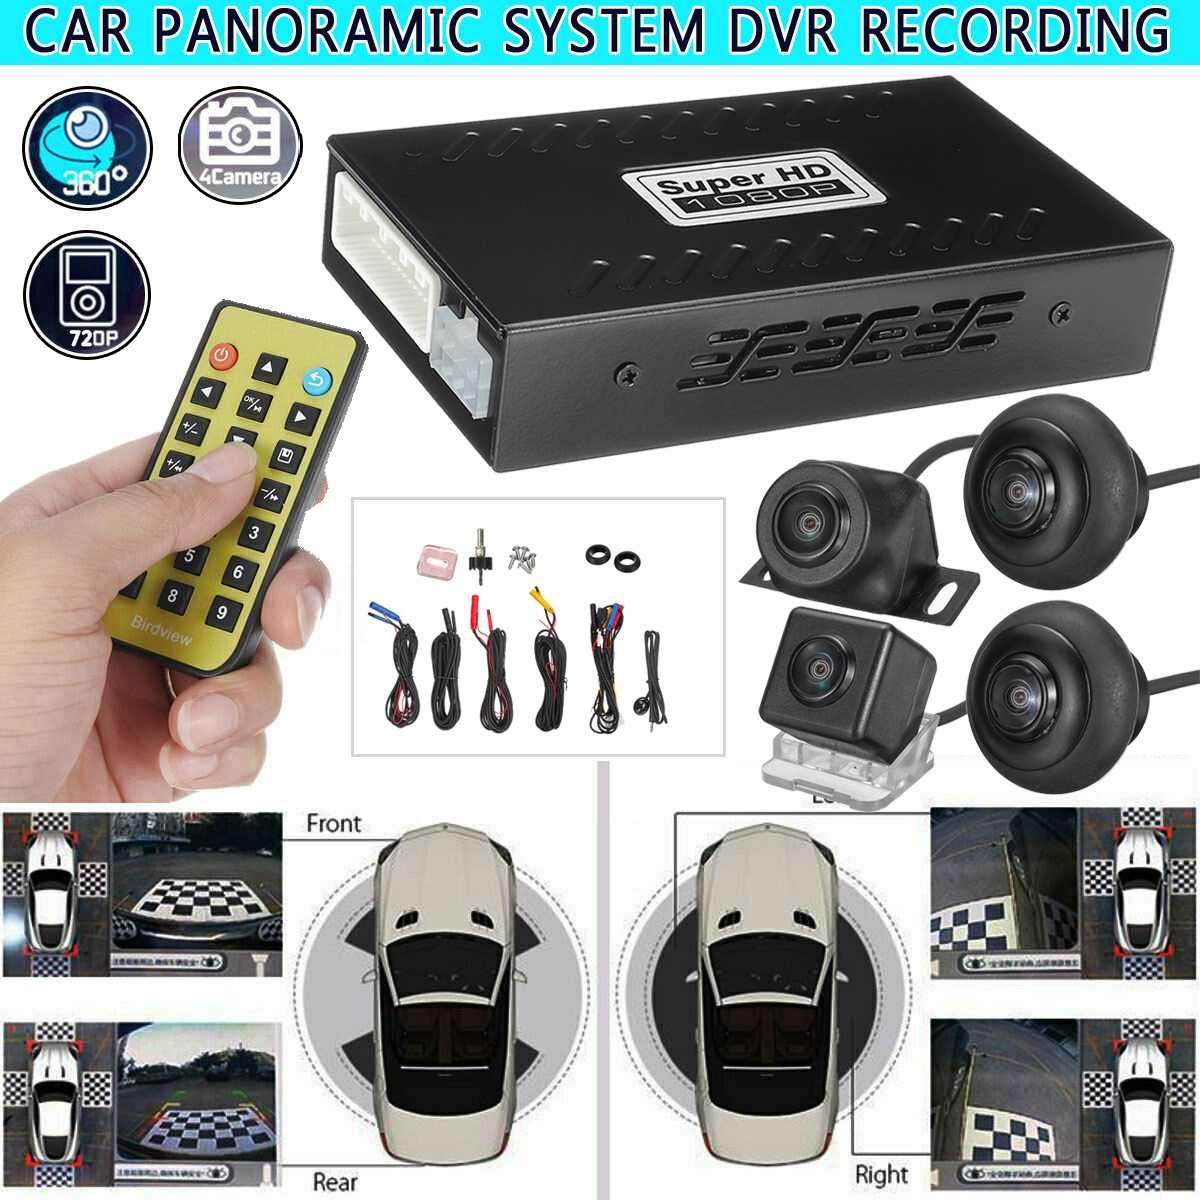 Автомобильная система объемного обзора на 360 градусов, панорамный видеорегистратор с видом птиц, 4 камеры, HD 1080 P, Автомобильный видеорегистратор, 2D Система помощи при парковке